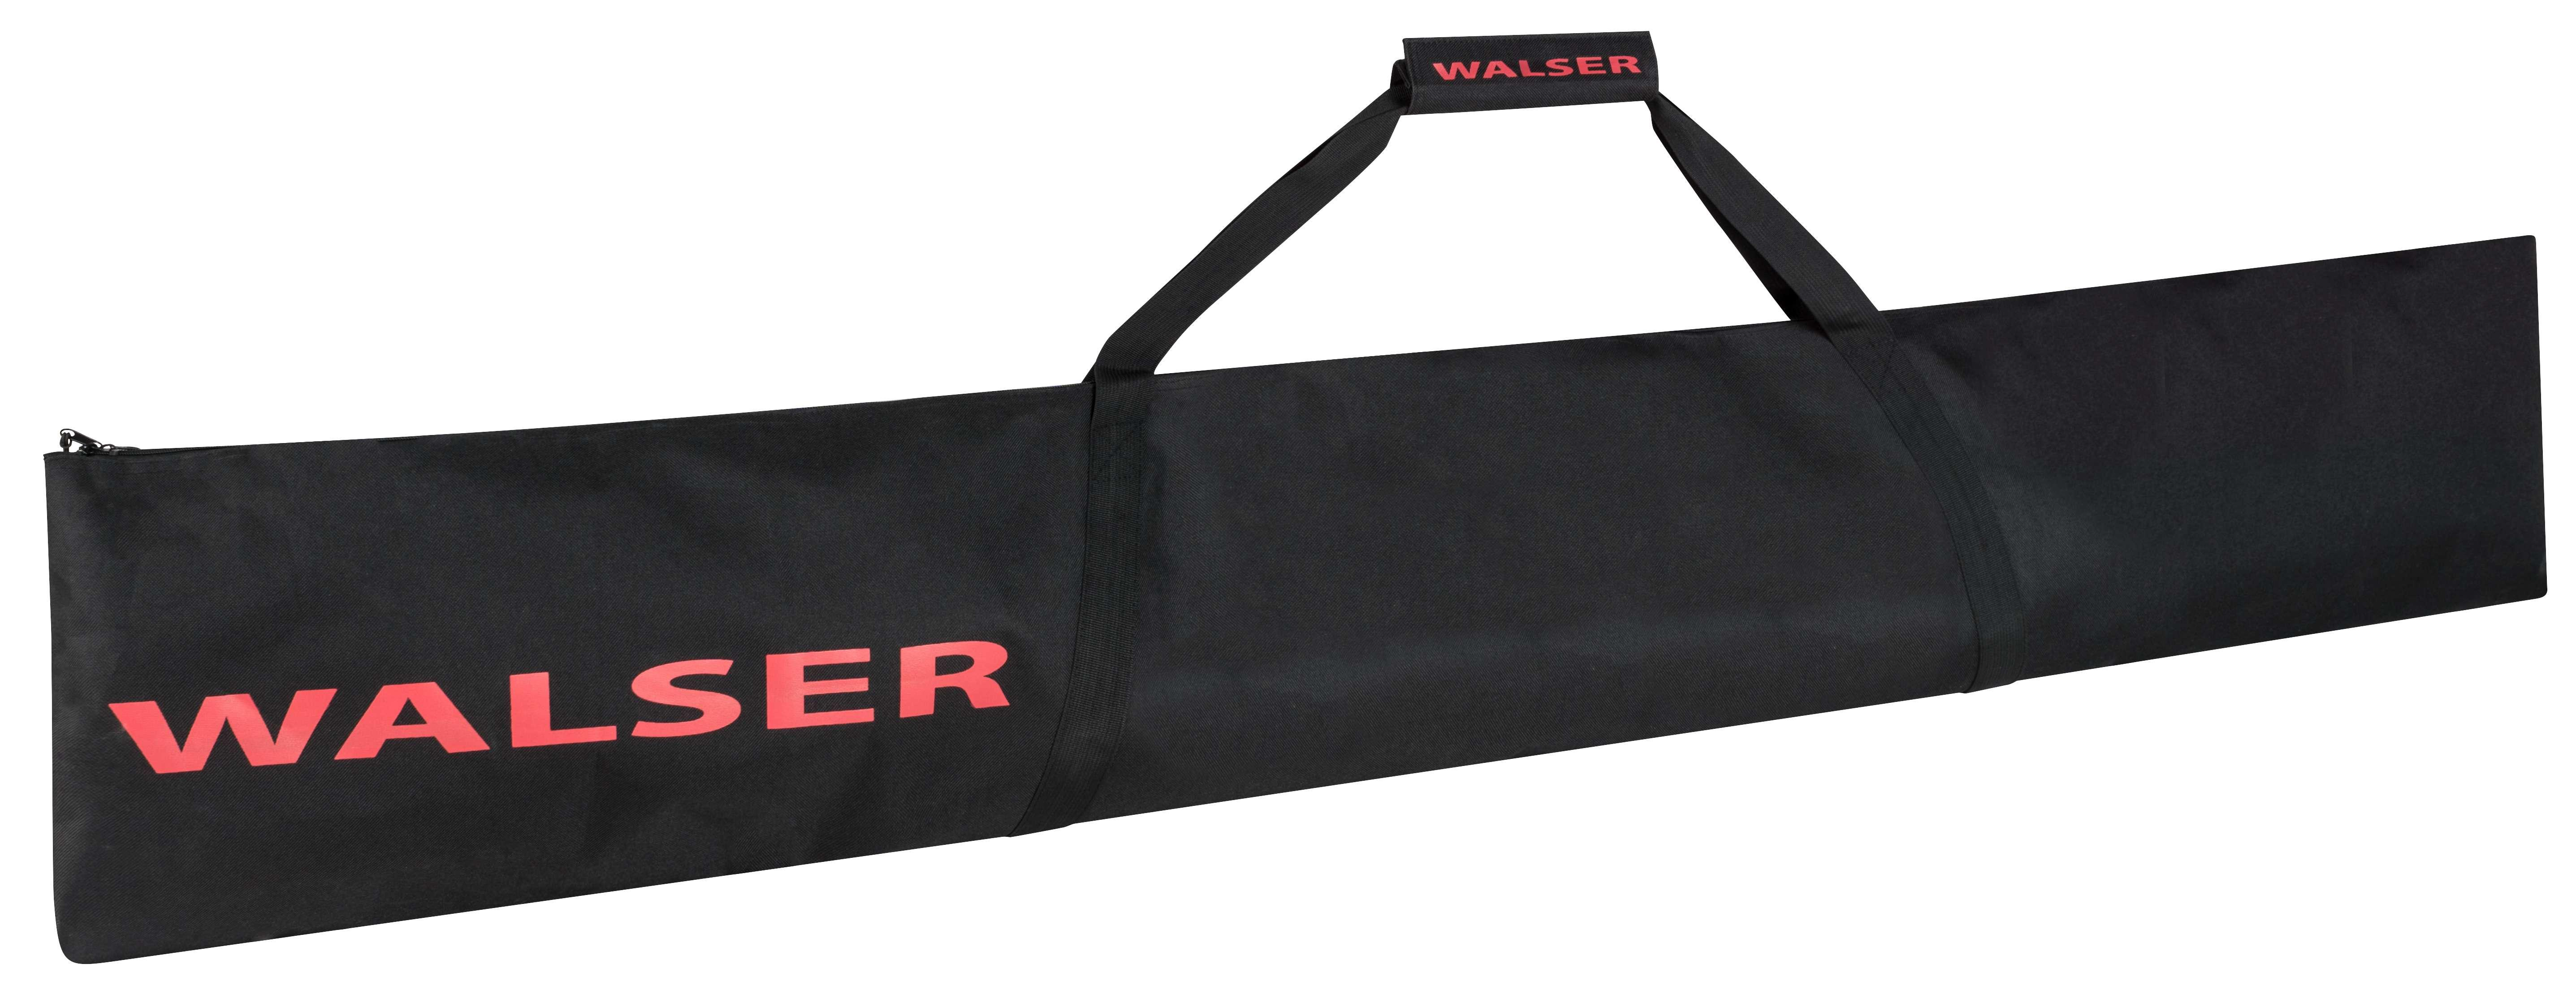 Funda portaesquís 30552 WALSER 30552 en calidad original